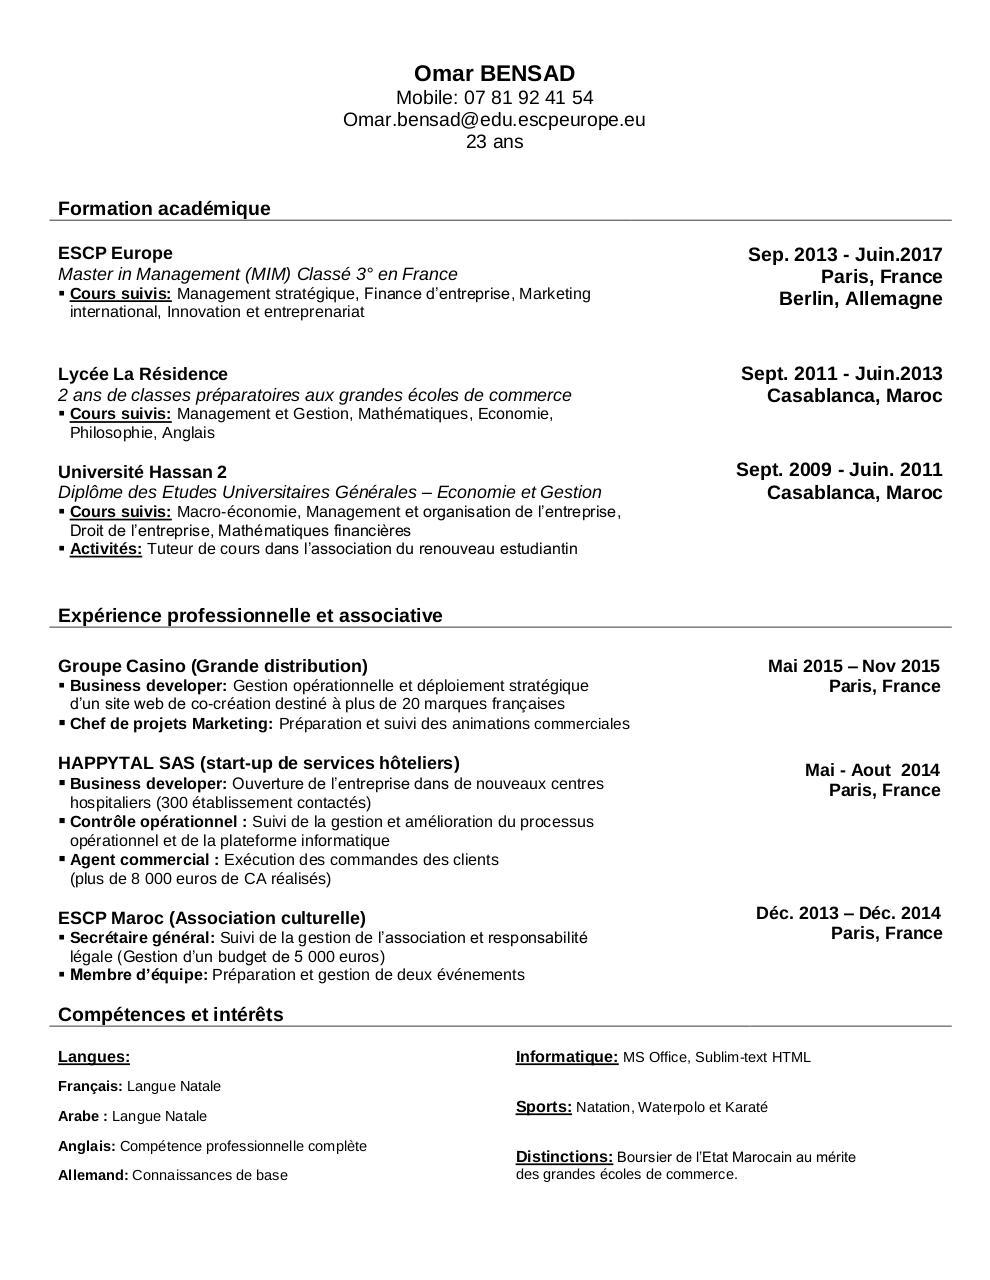 tableau  u00e9   par omar - omar bensad - cv pdf